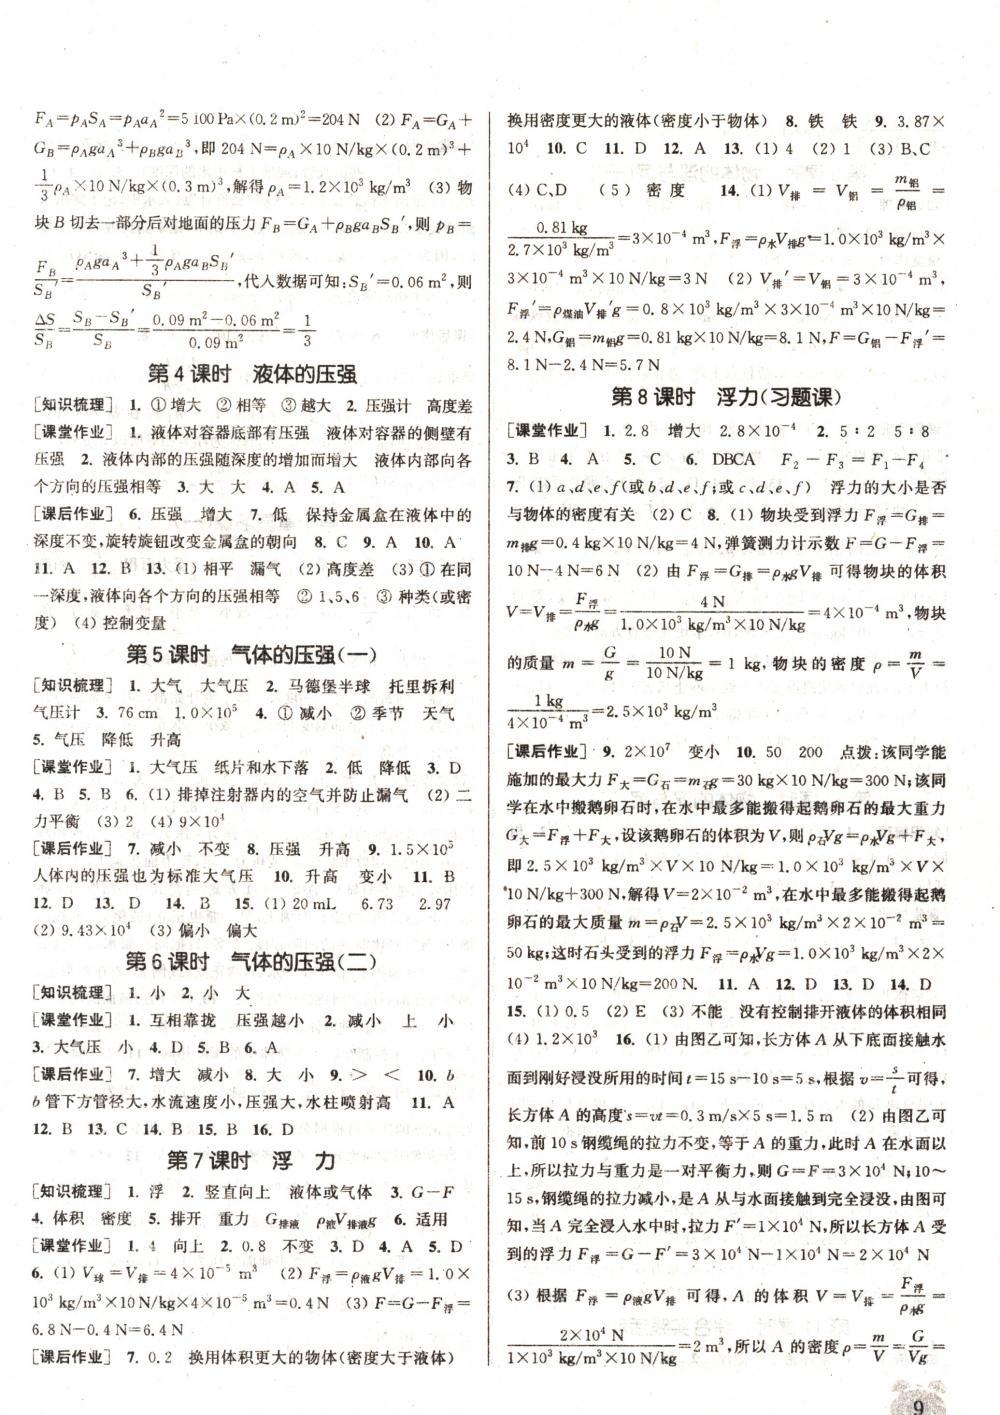 2018年通城学典课时作业本八年级物理下册苏科版第9页